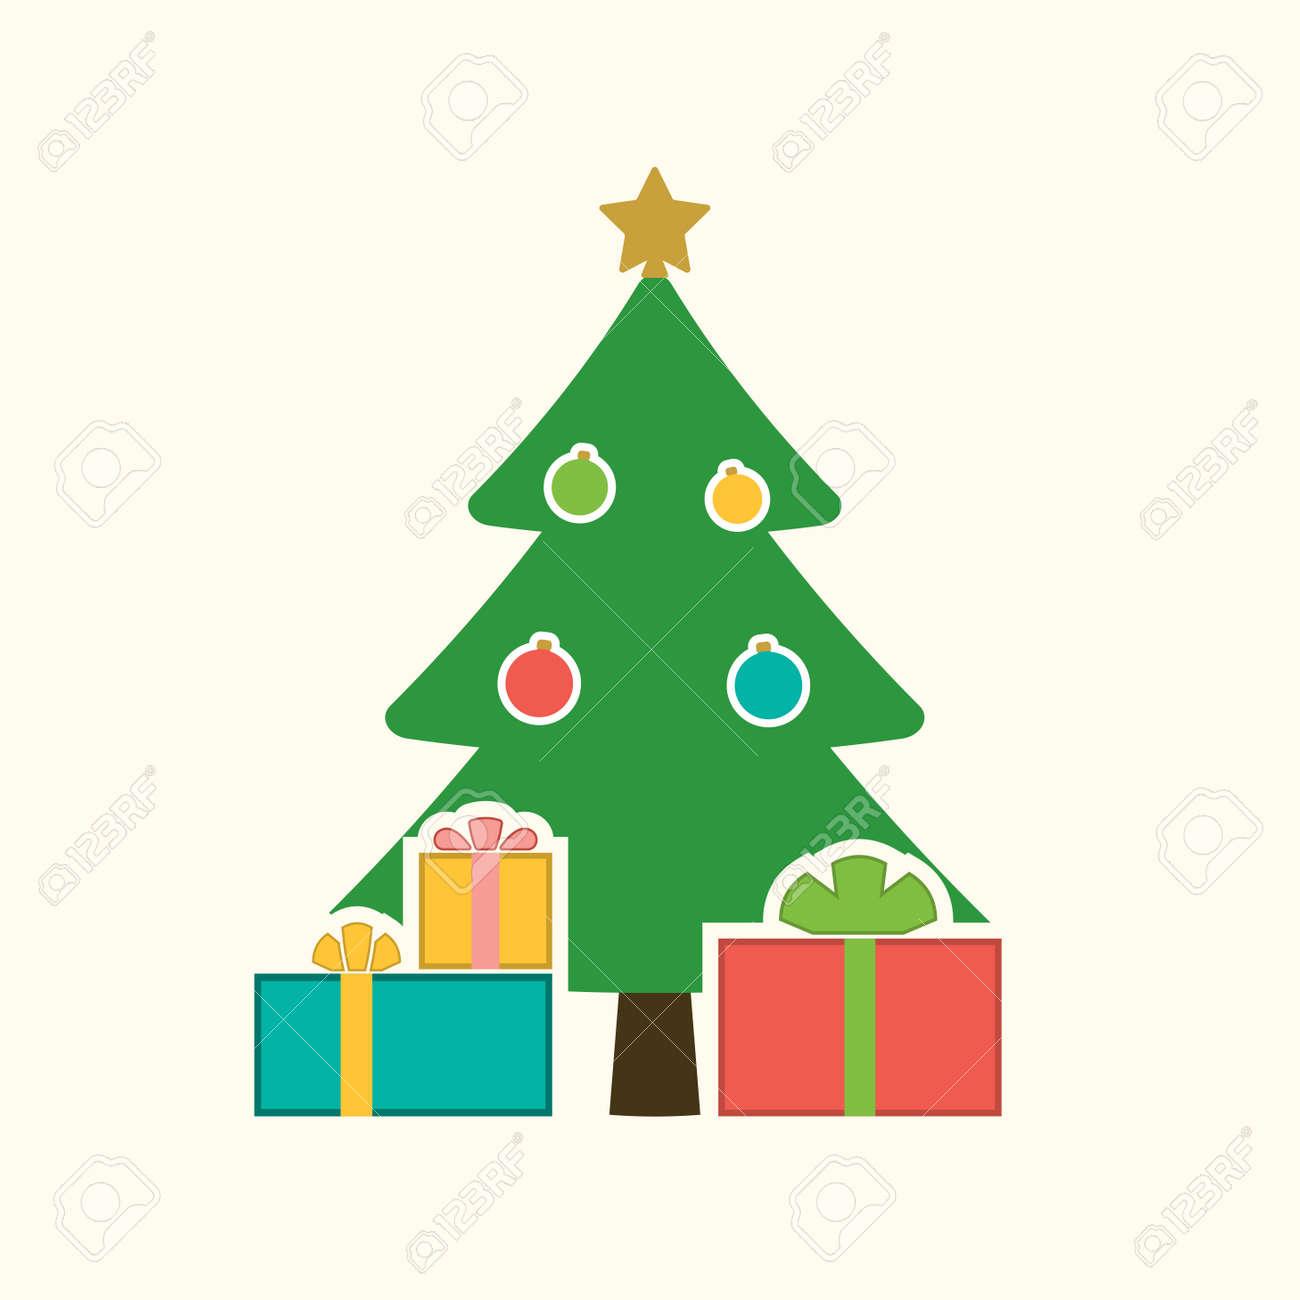 Symbol Weihnachtsbaum.Stock Photo